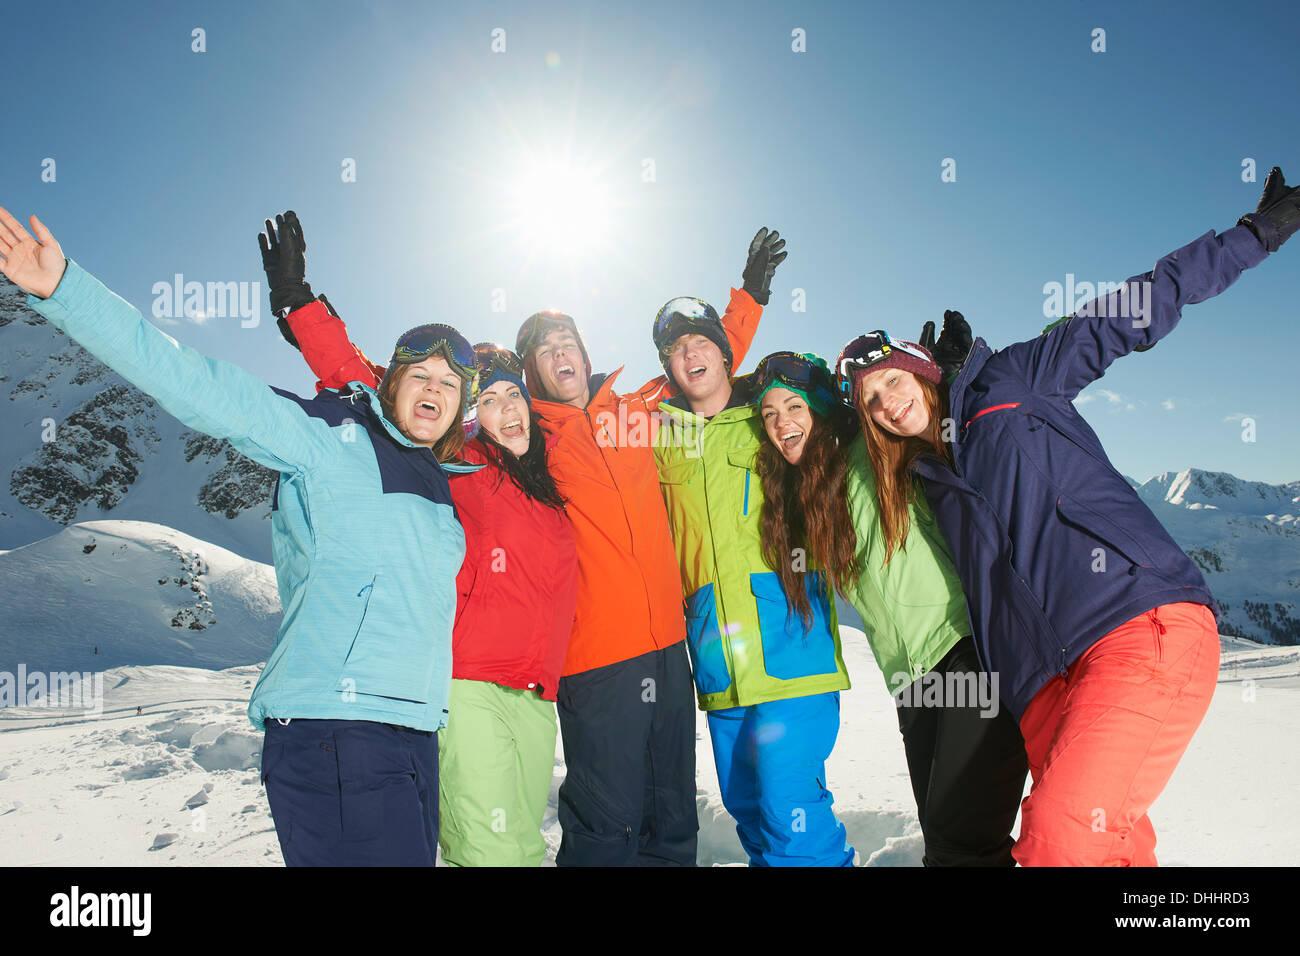 Amigos sonriendo con los brazos levantados, Kuhtai, Austria Imagen De Stock